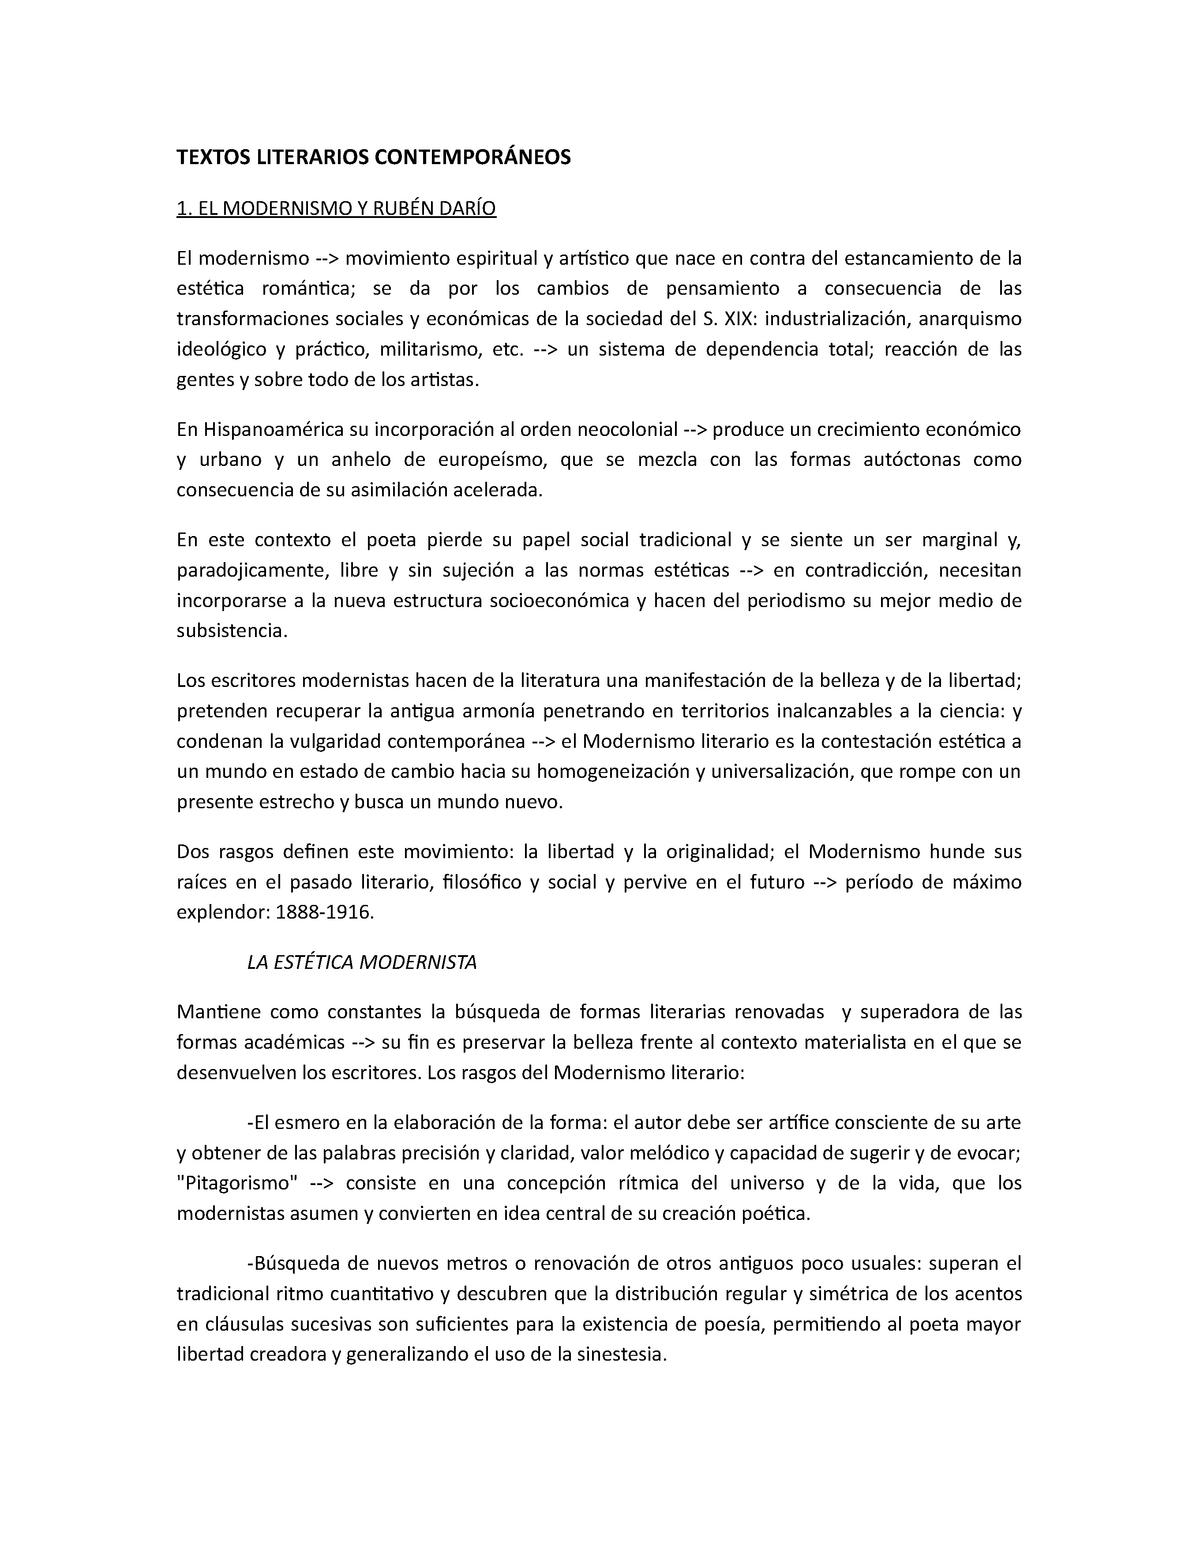 Apuntes Simples Textos Literarios Contemporáneos 6401112